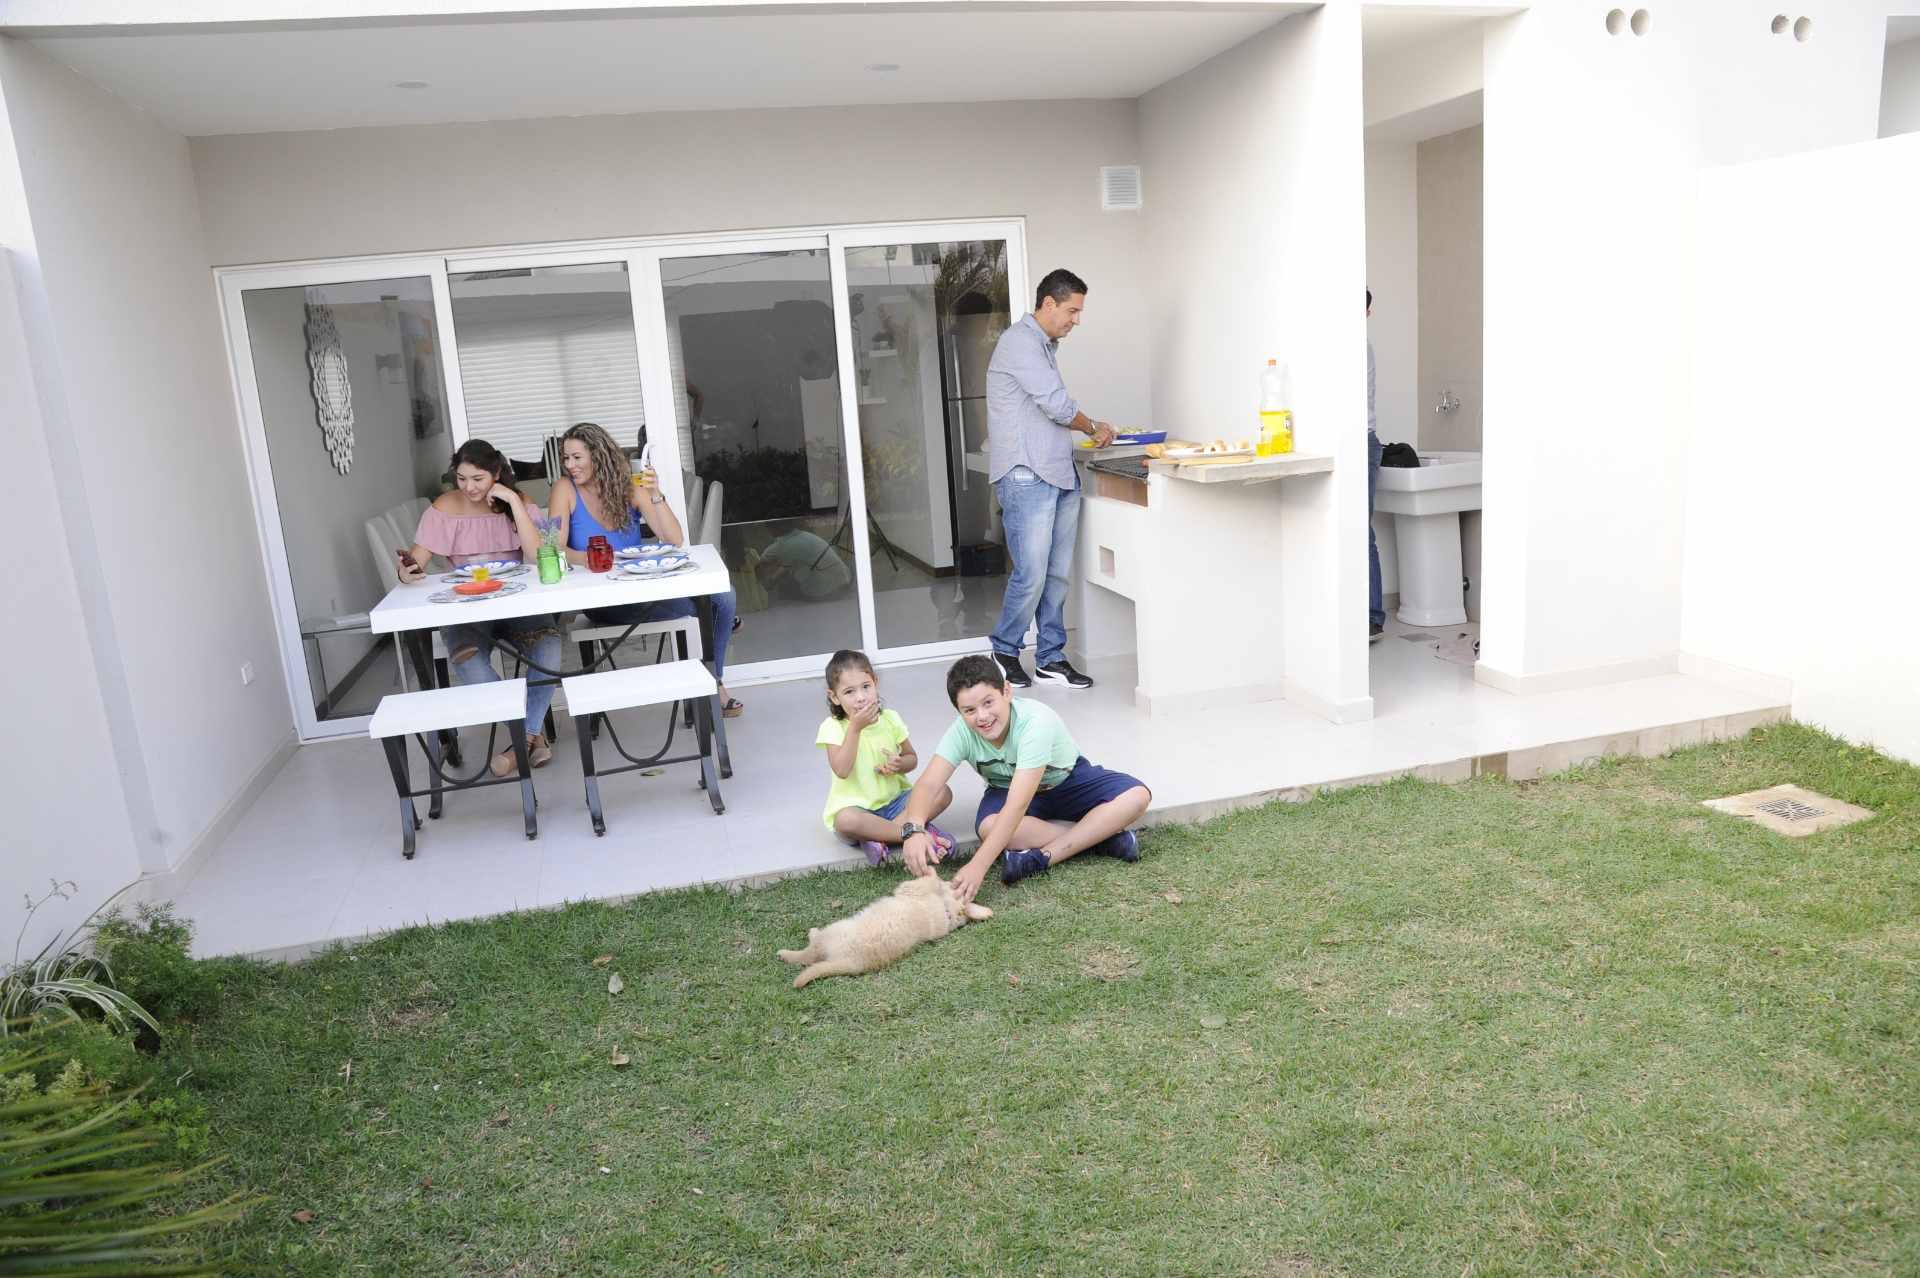 Casa en Venta Zona Norte - 7mo Anillo - Próximo a la Av. Banzer  Foto 12